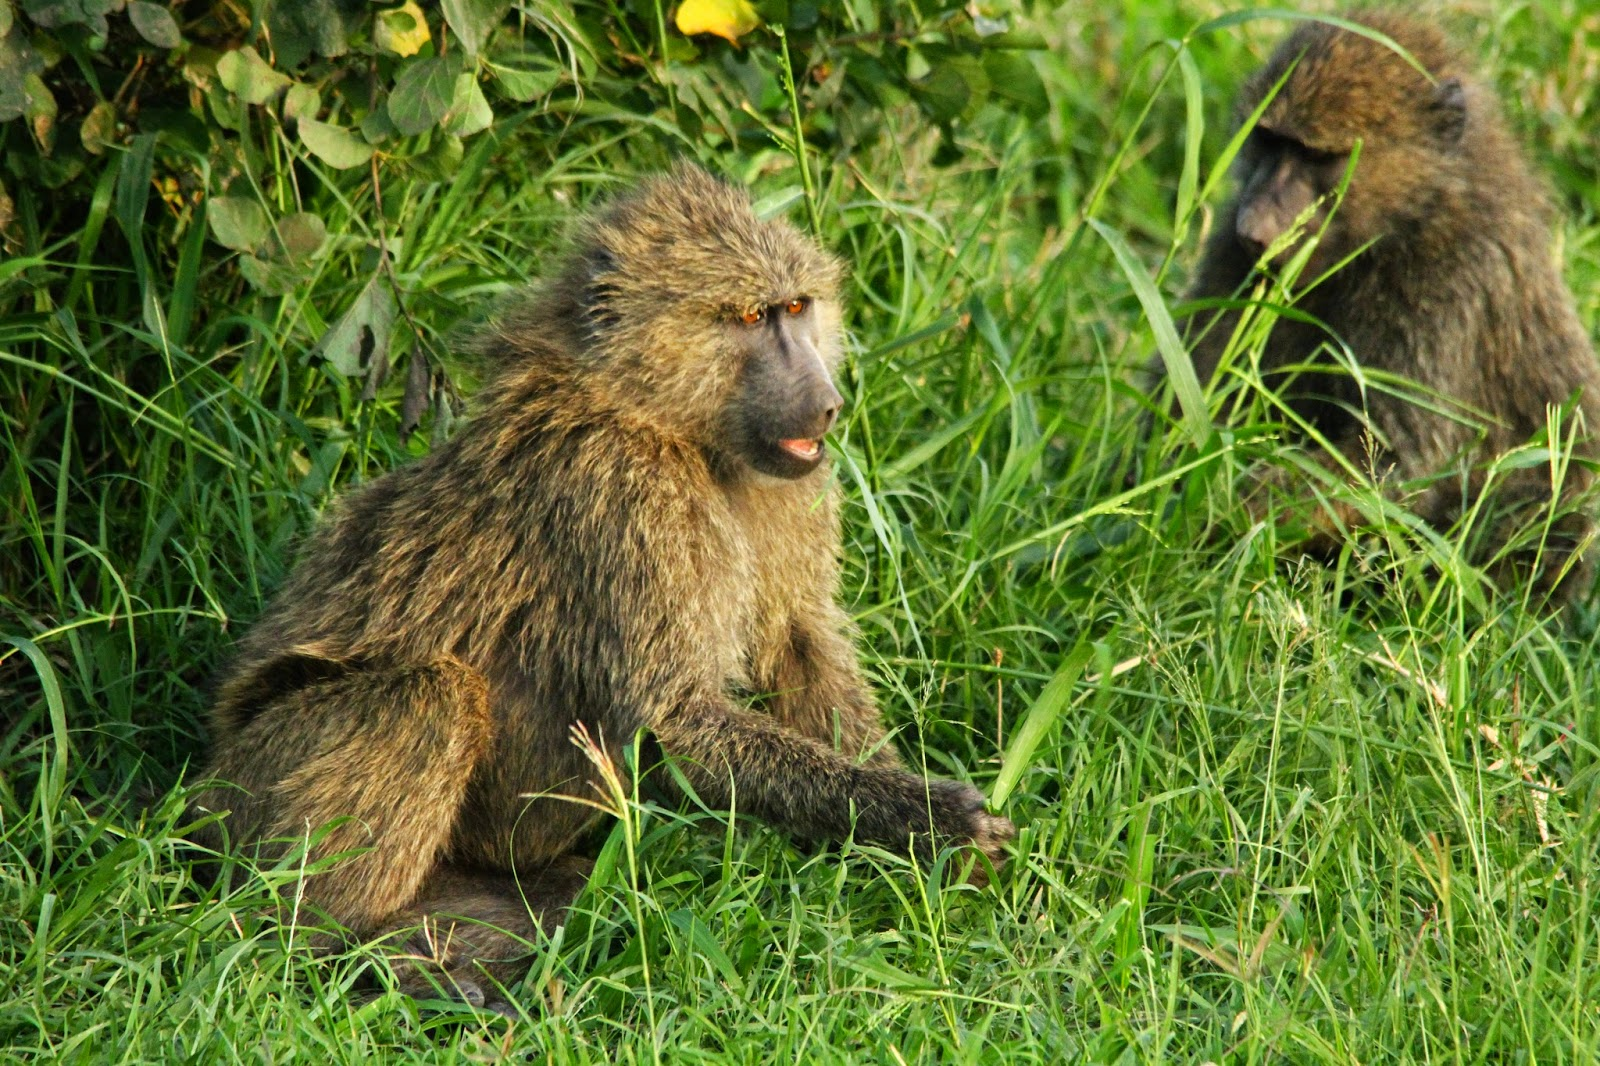 VER BABUÍNOS NO SERENGETI - O amor anda no ar no Serengeti | Tanzânia